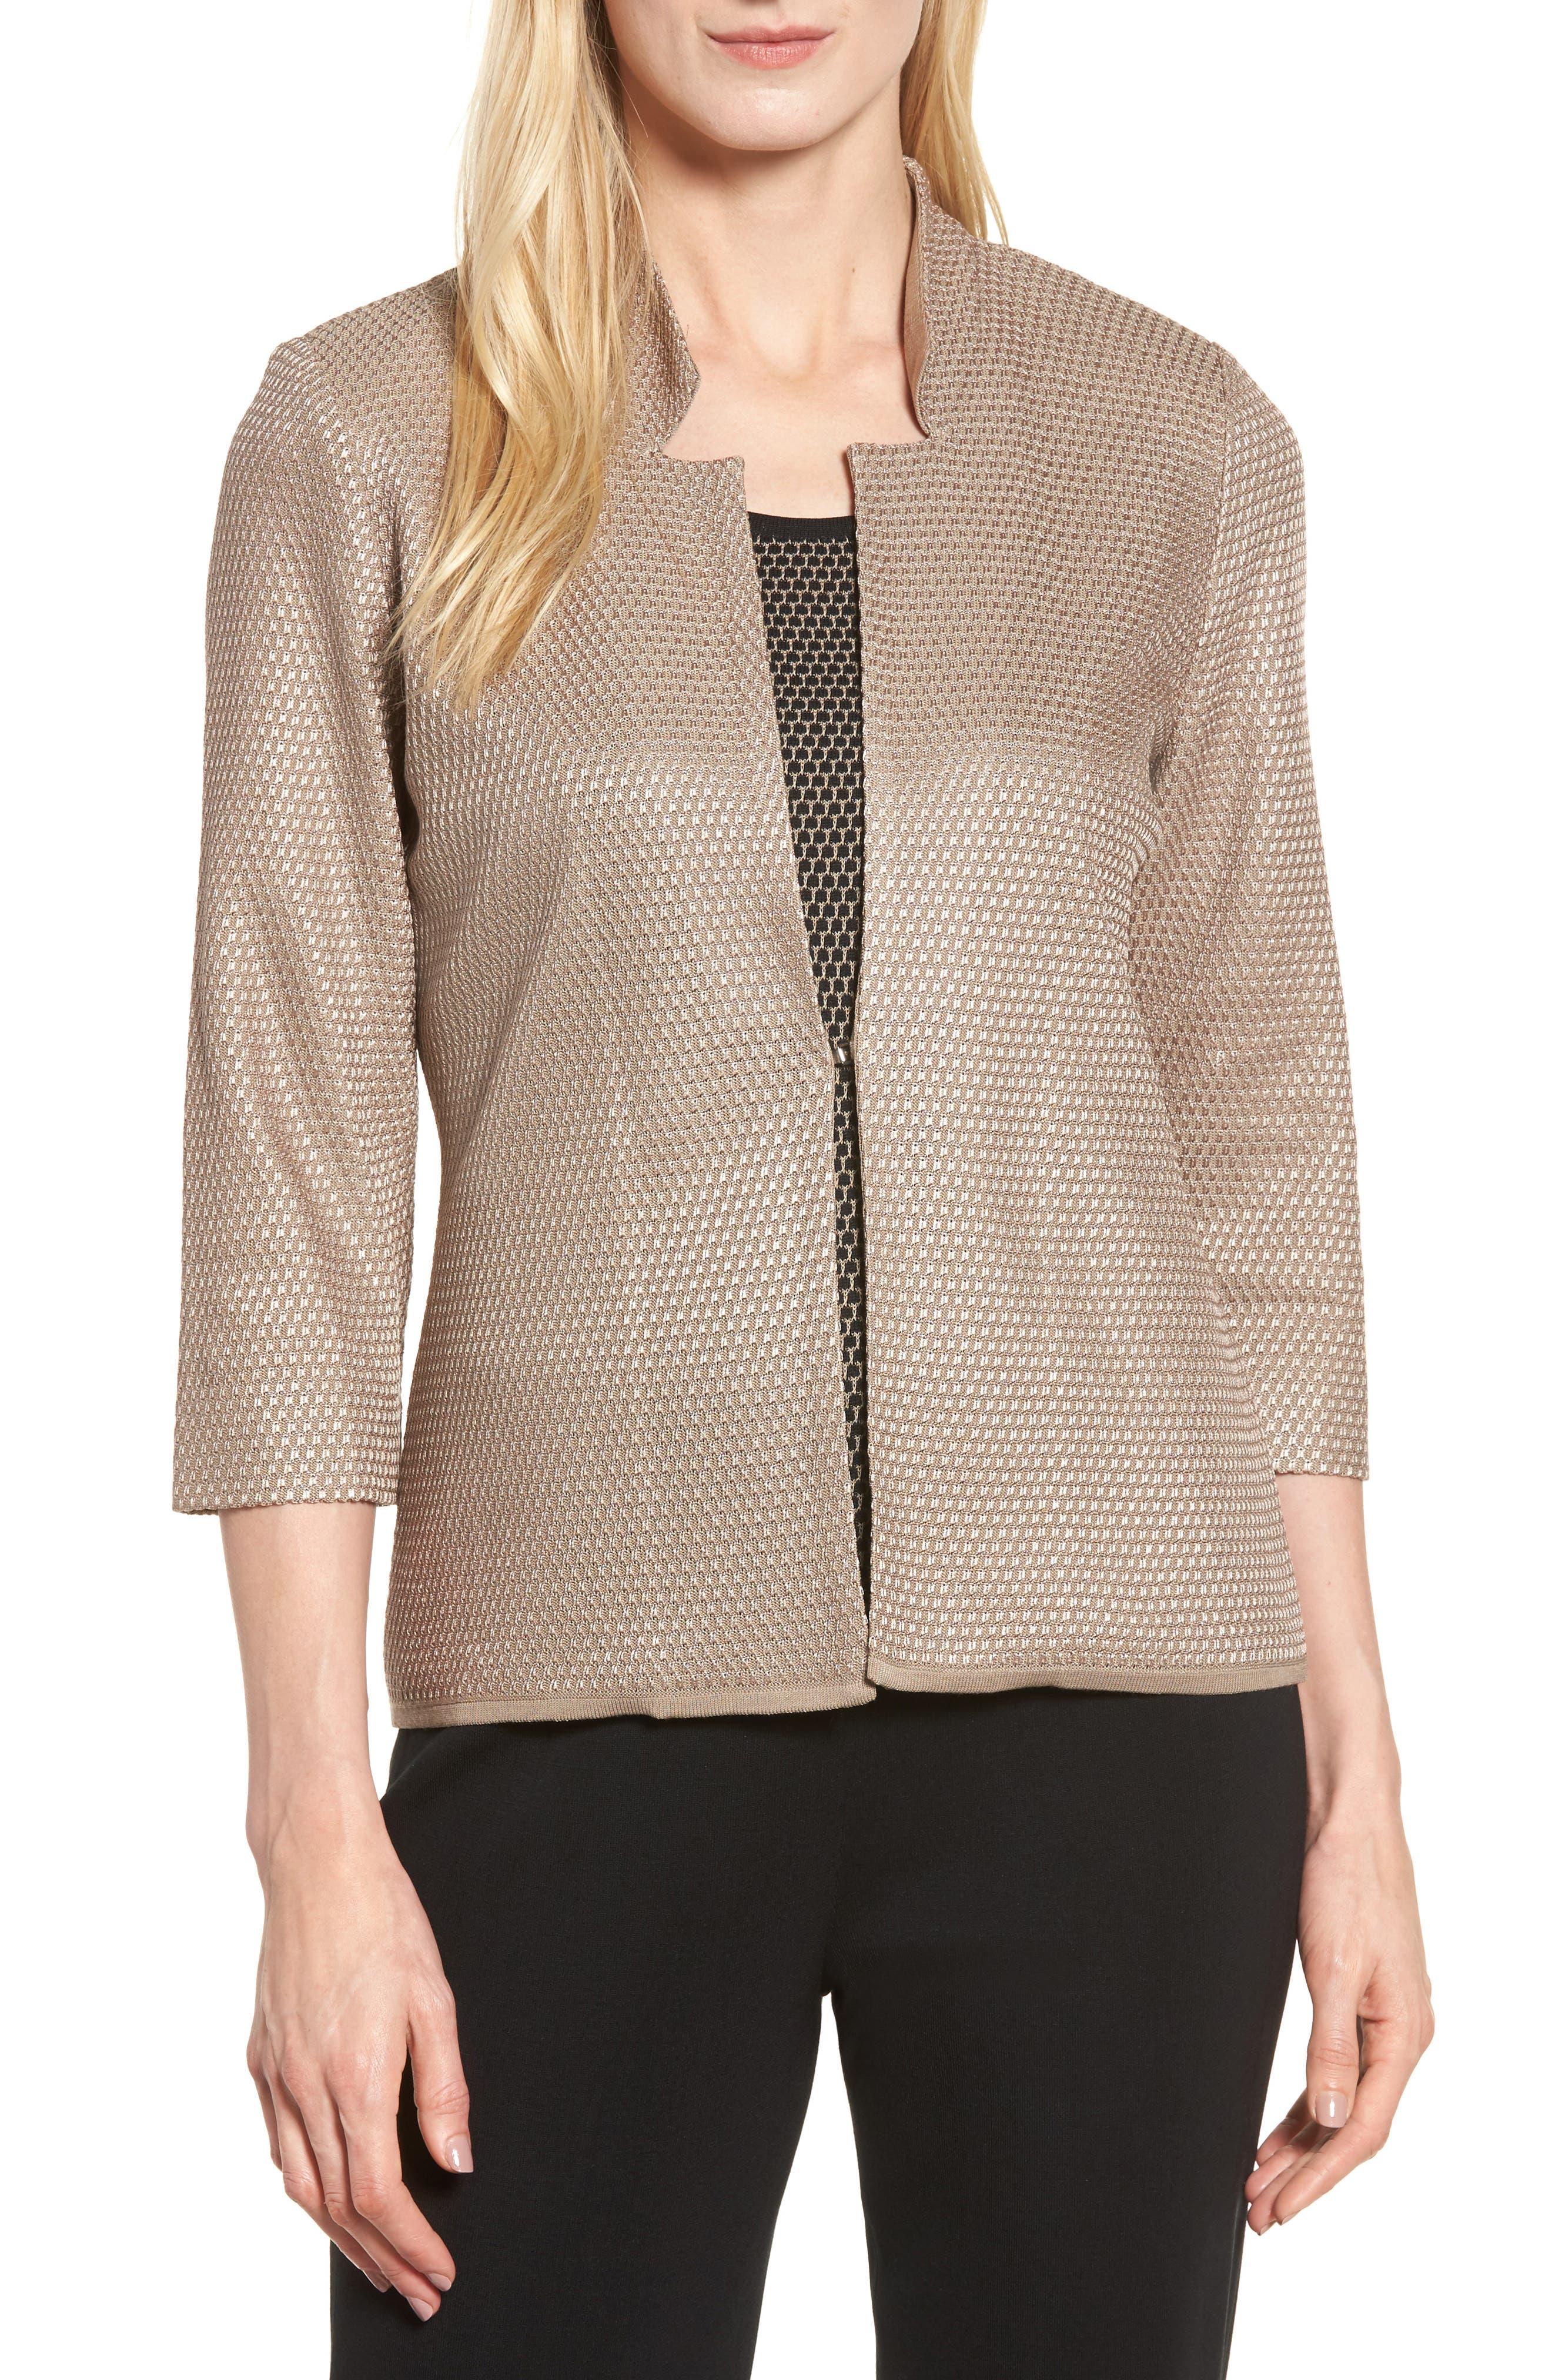 Main Image - Ming Wang Textured Knit Jacket